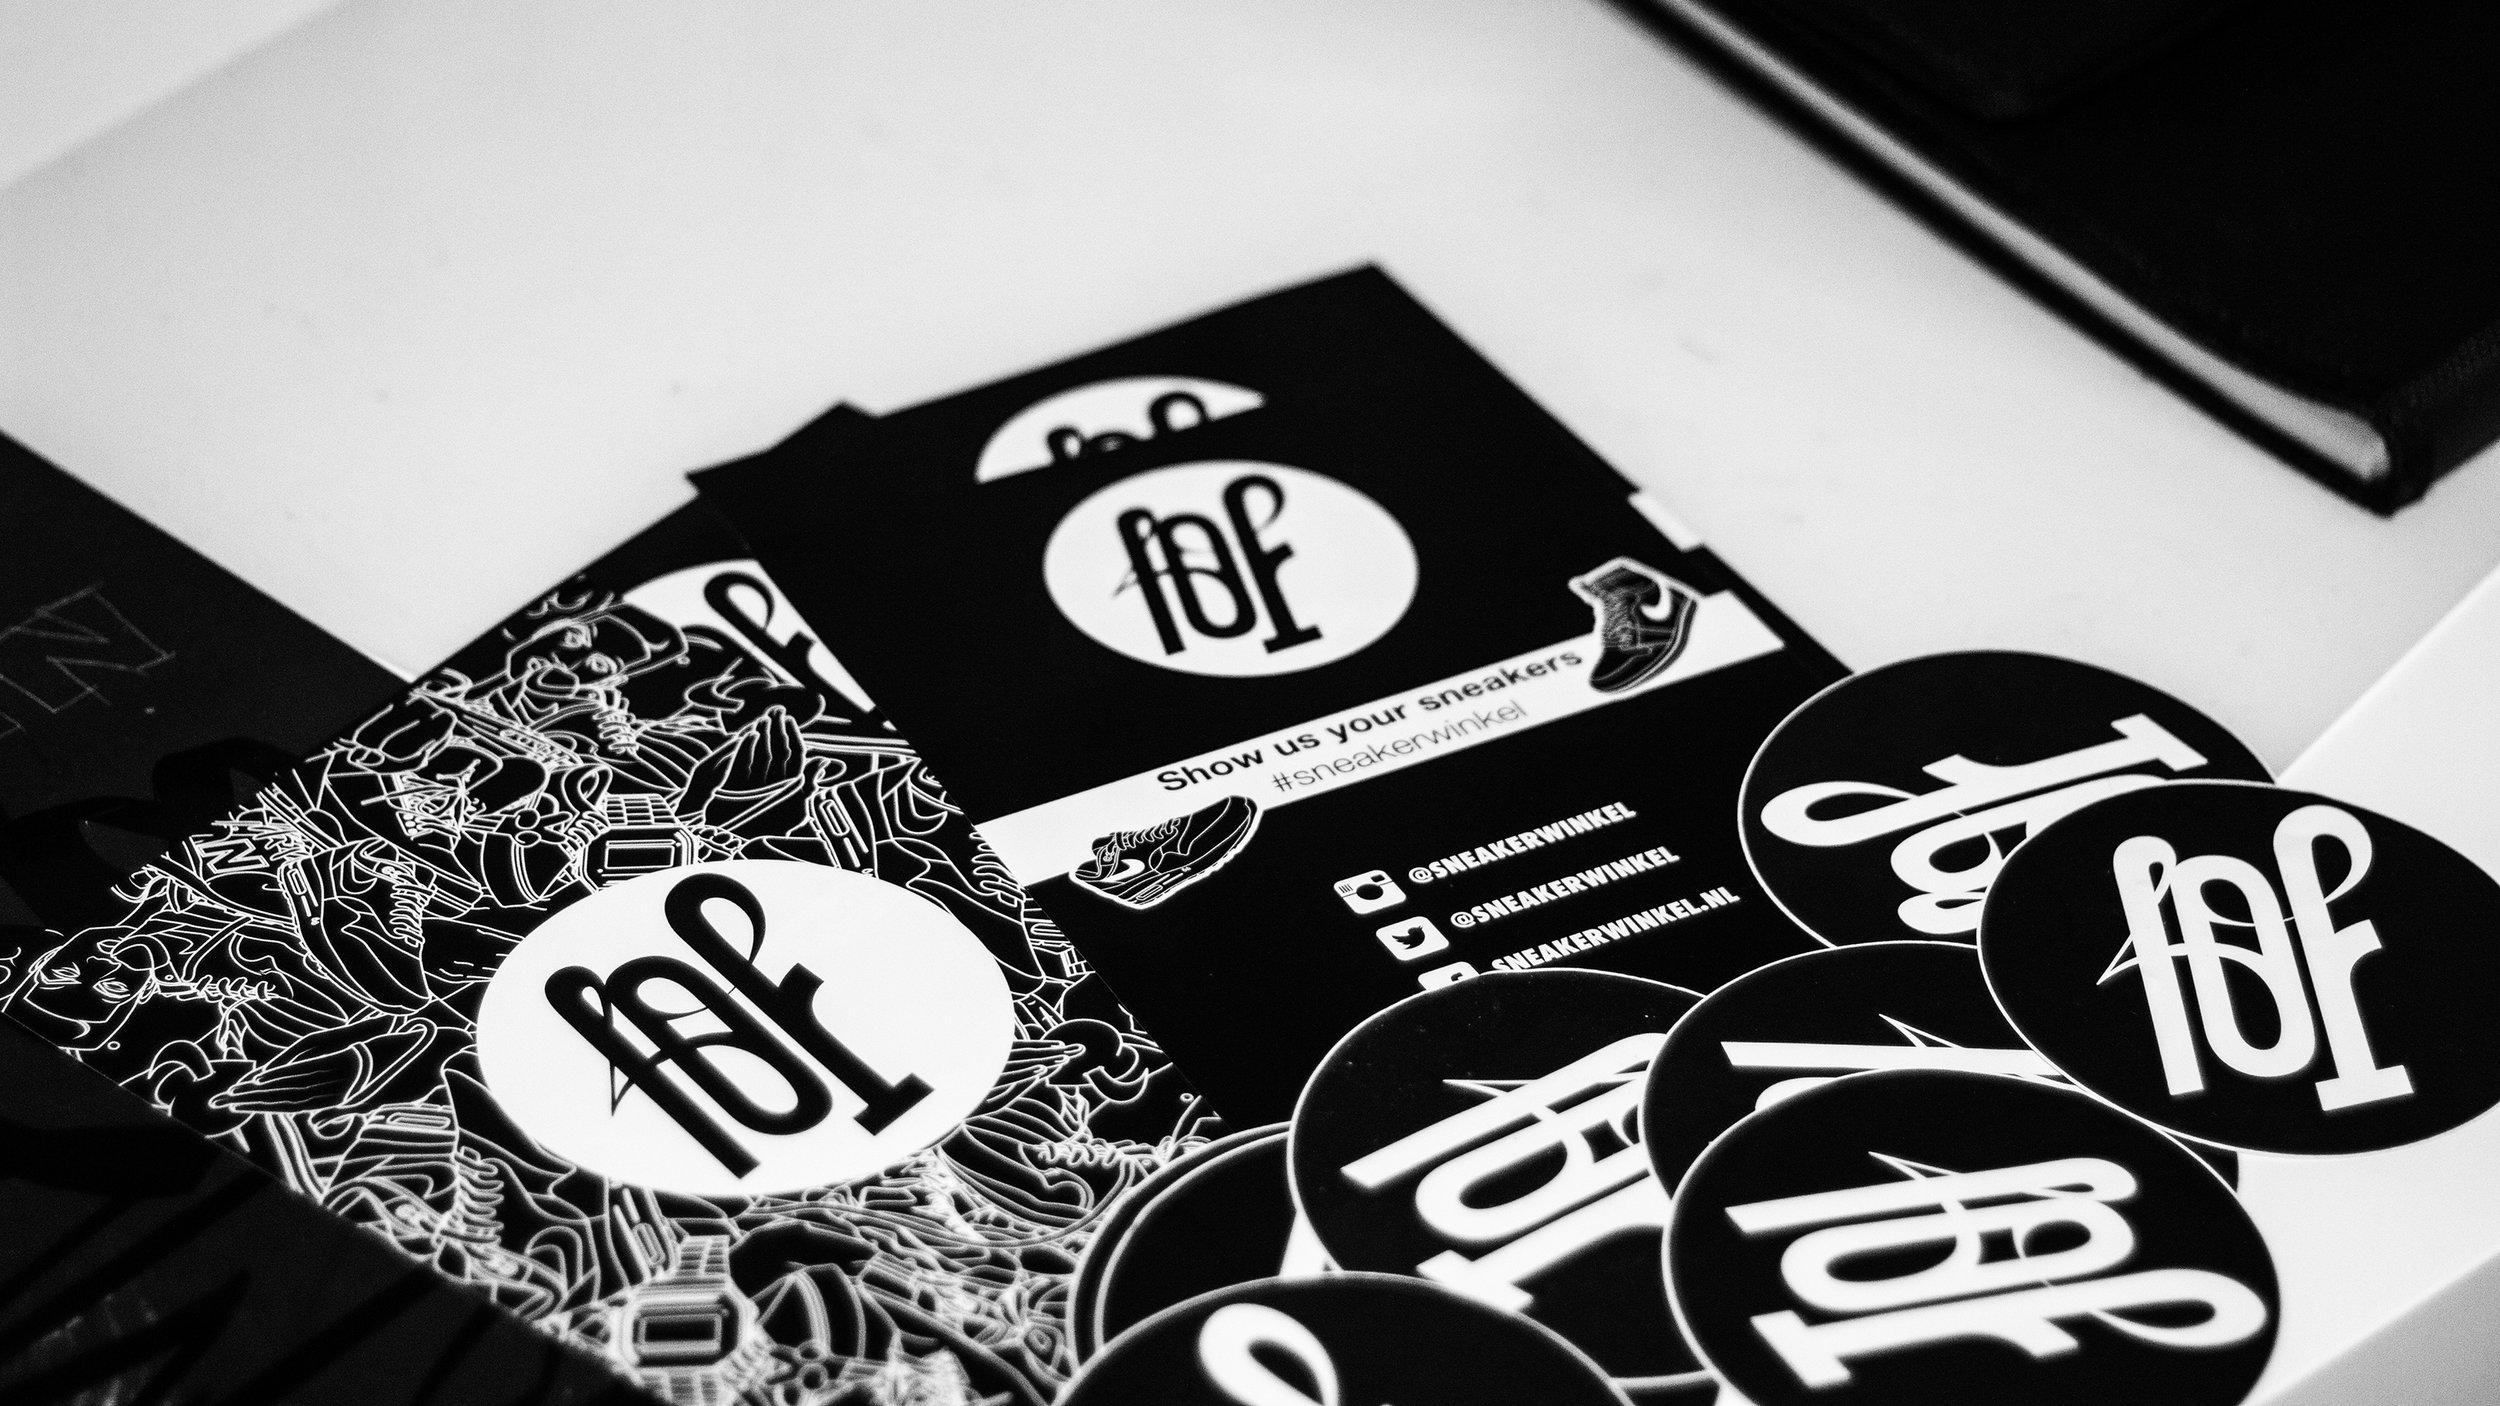 lof_stickers_flyers.jpg